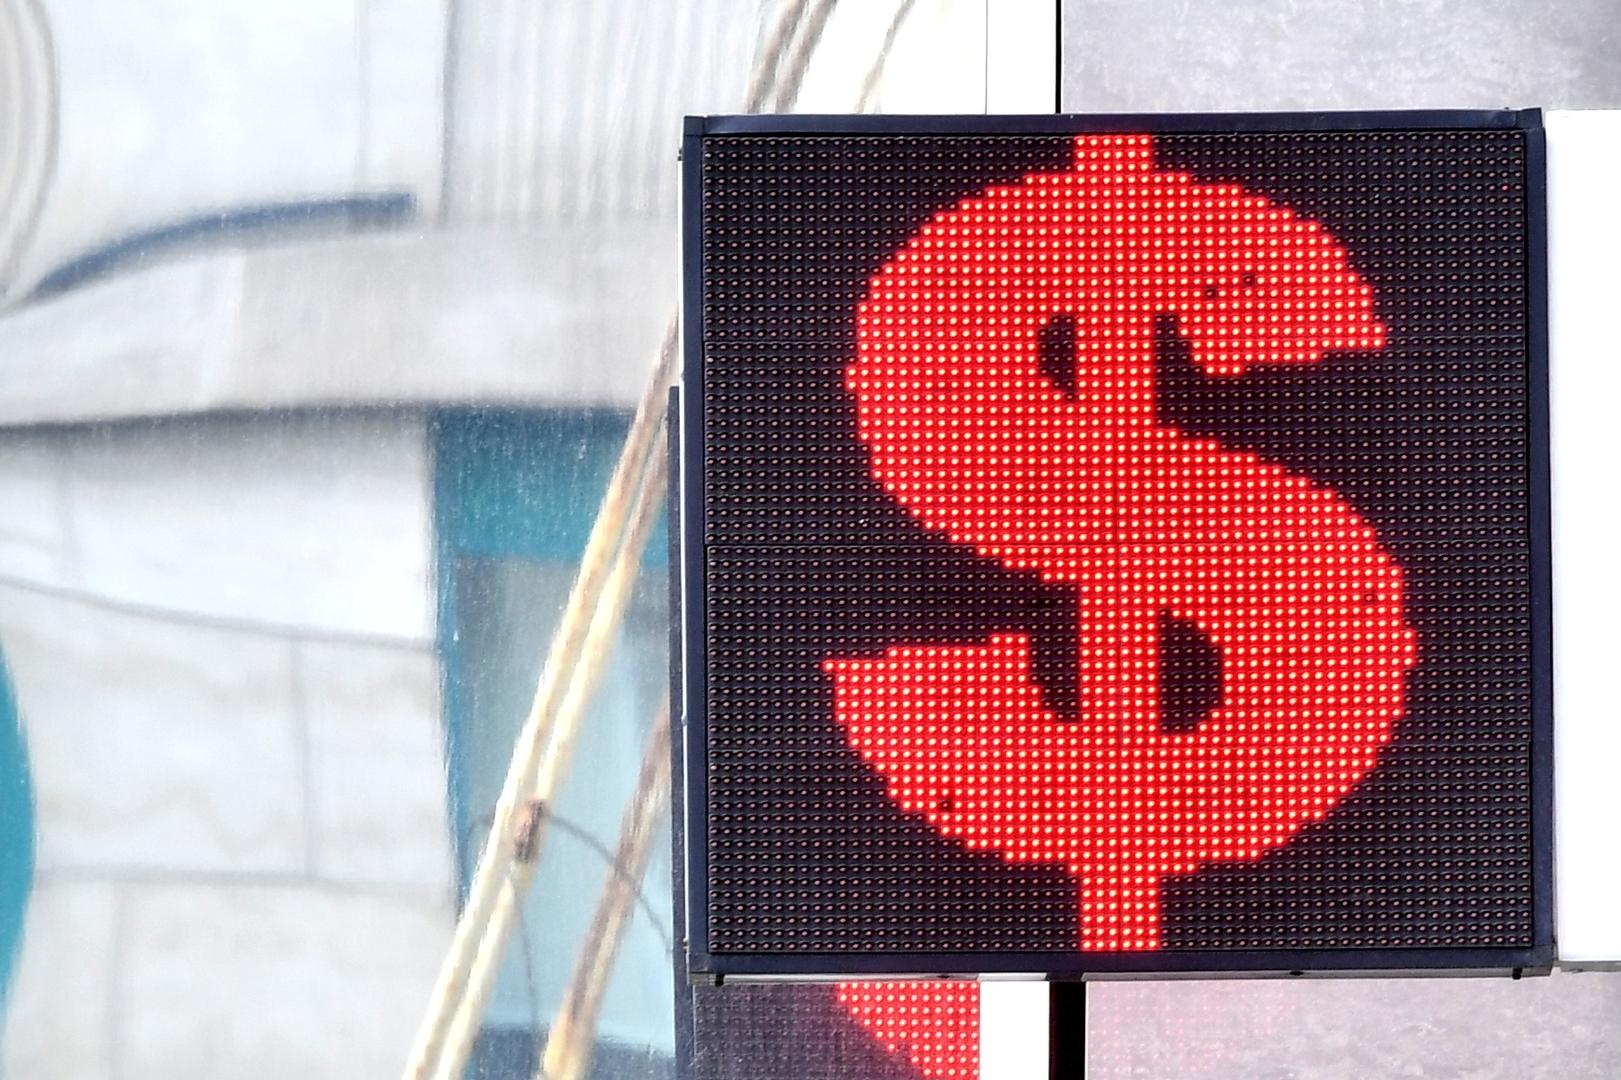 روسيا.. الدولار يهبط إلى دون مستوى 72 روبلا لأول مرة منذ نحو عام